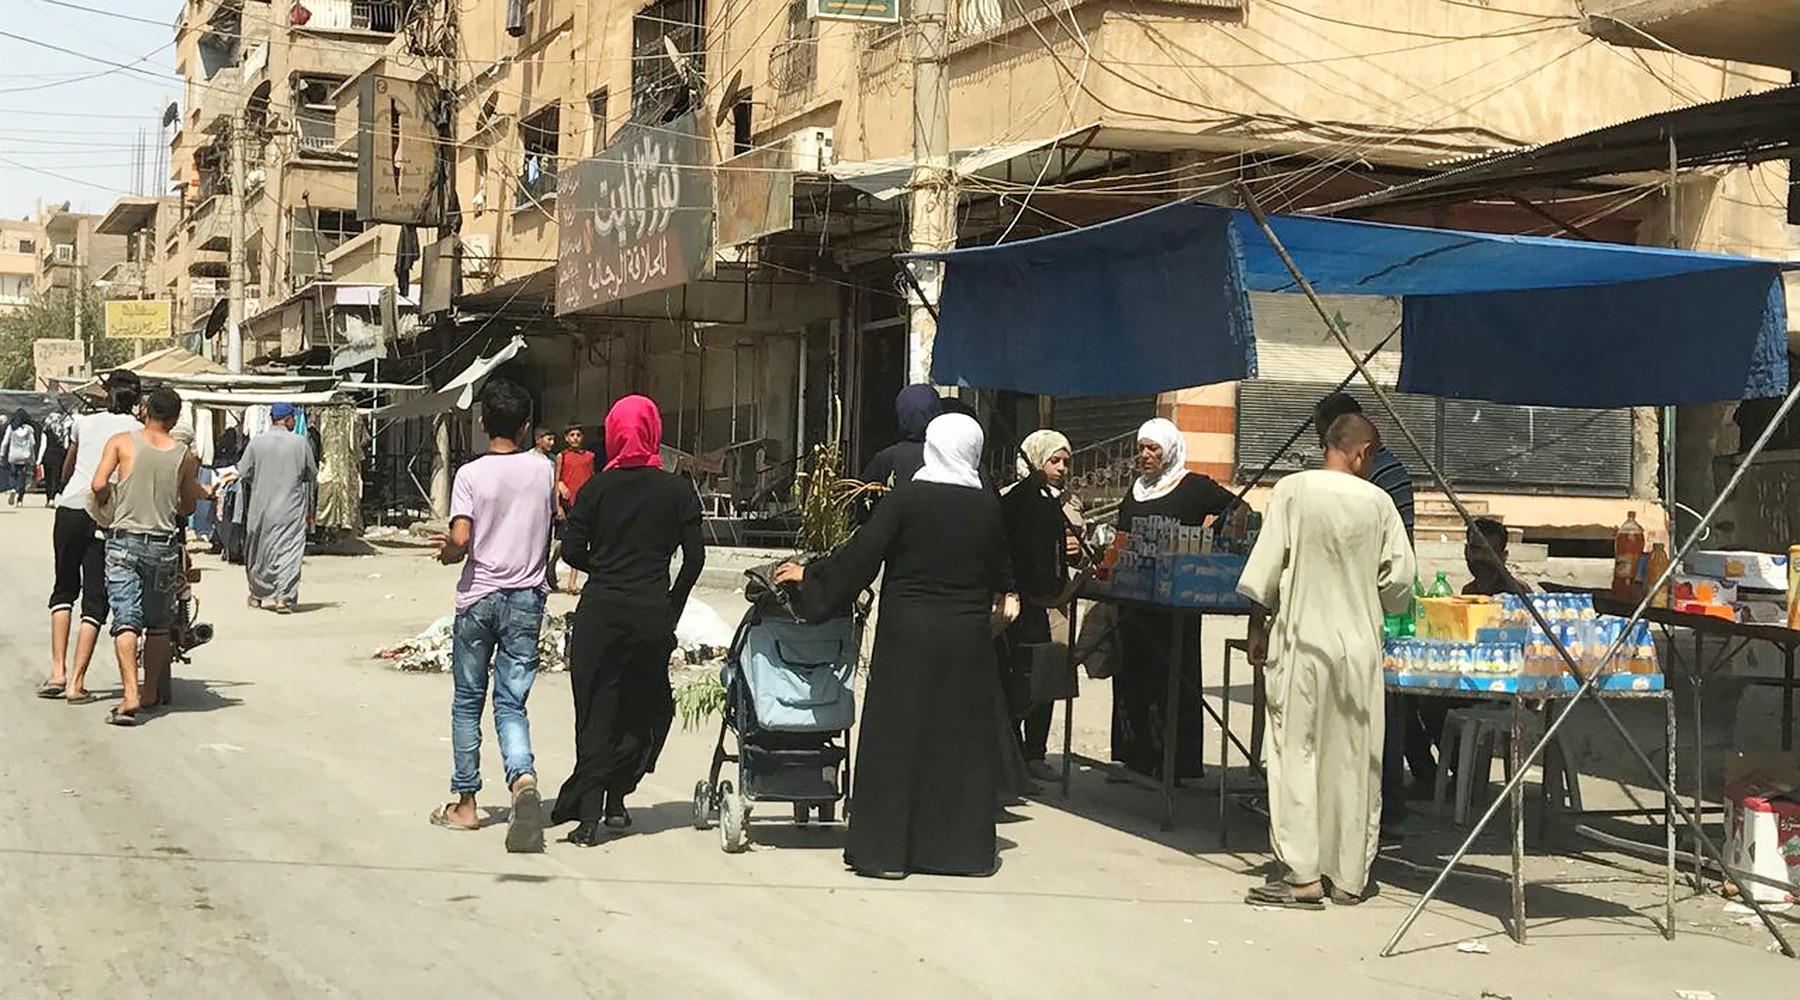 После осады: освобождённые районы Дейр эз-Зора начинают возвращаться к нормальной жизни